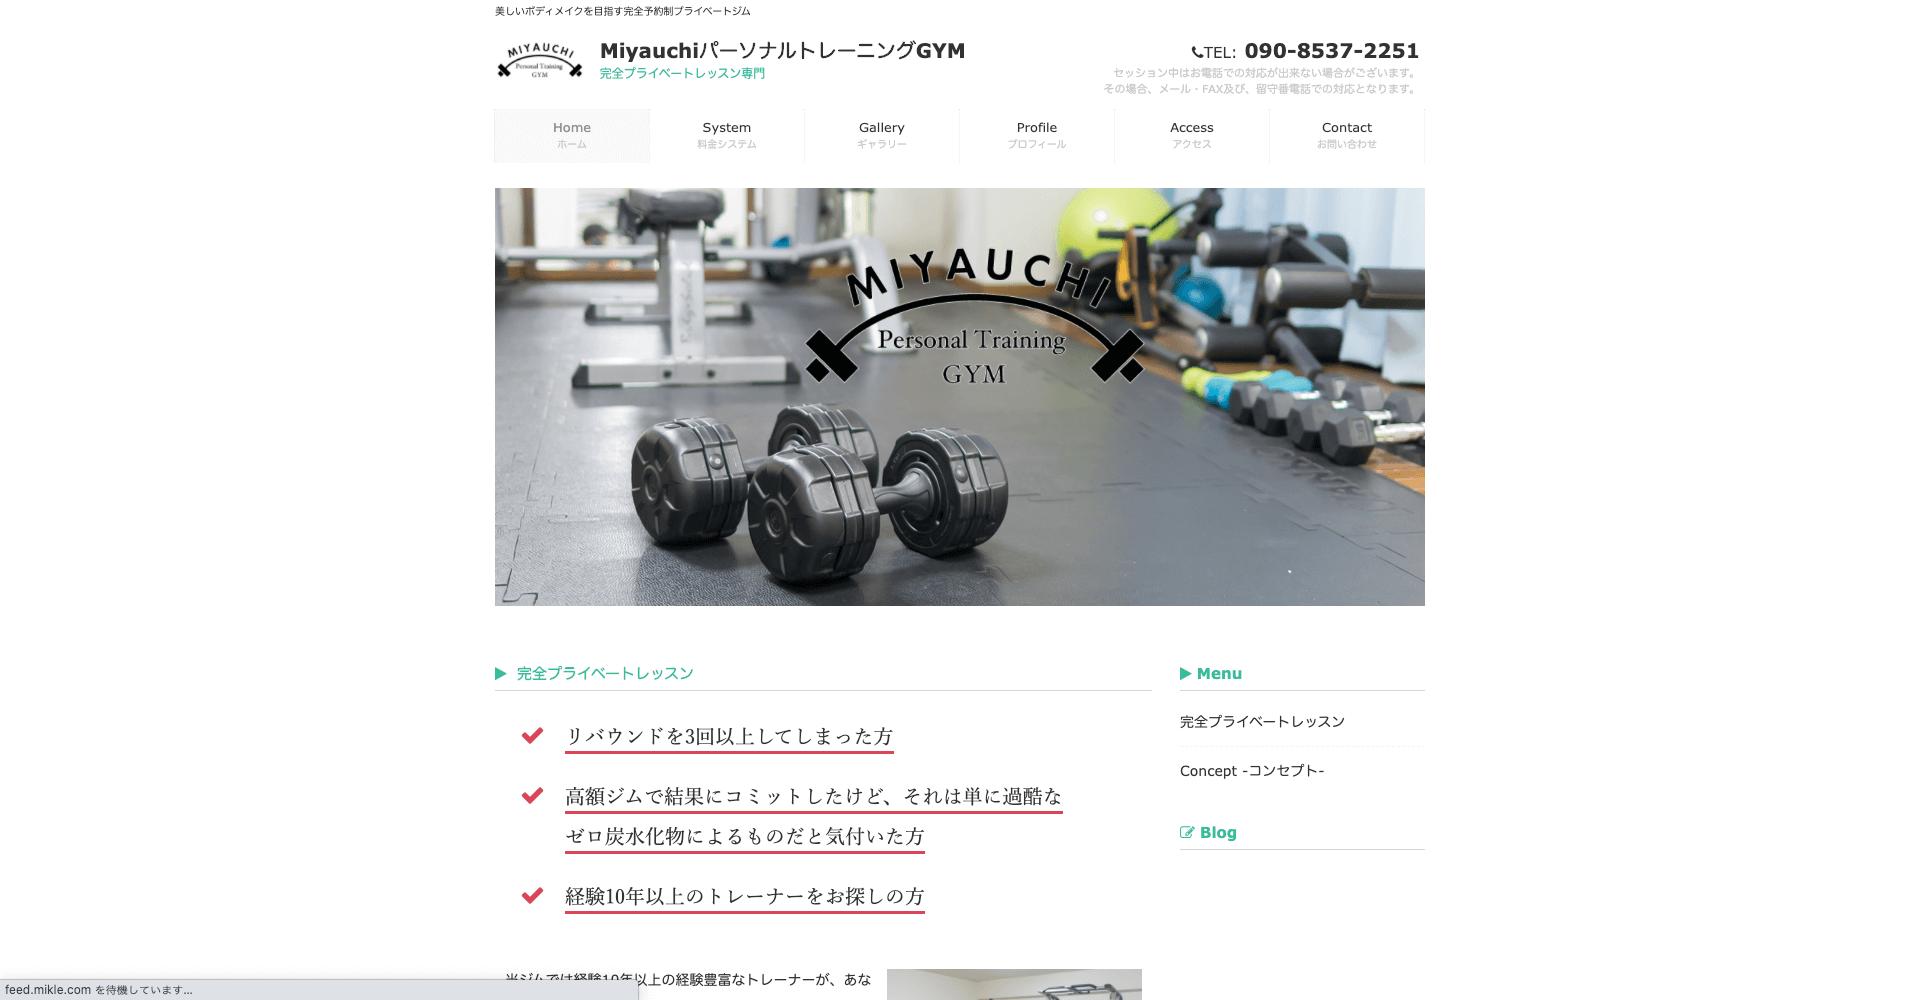 MiyauchiパーソナルトレーニングGYM